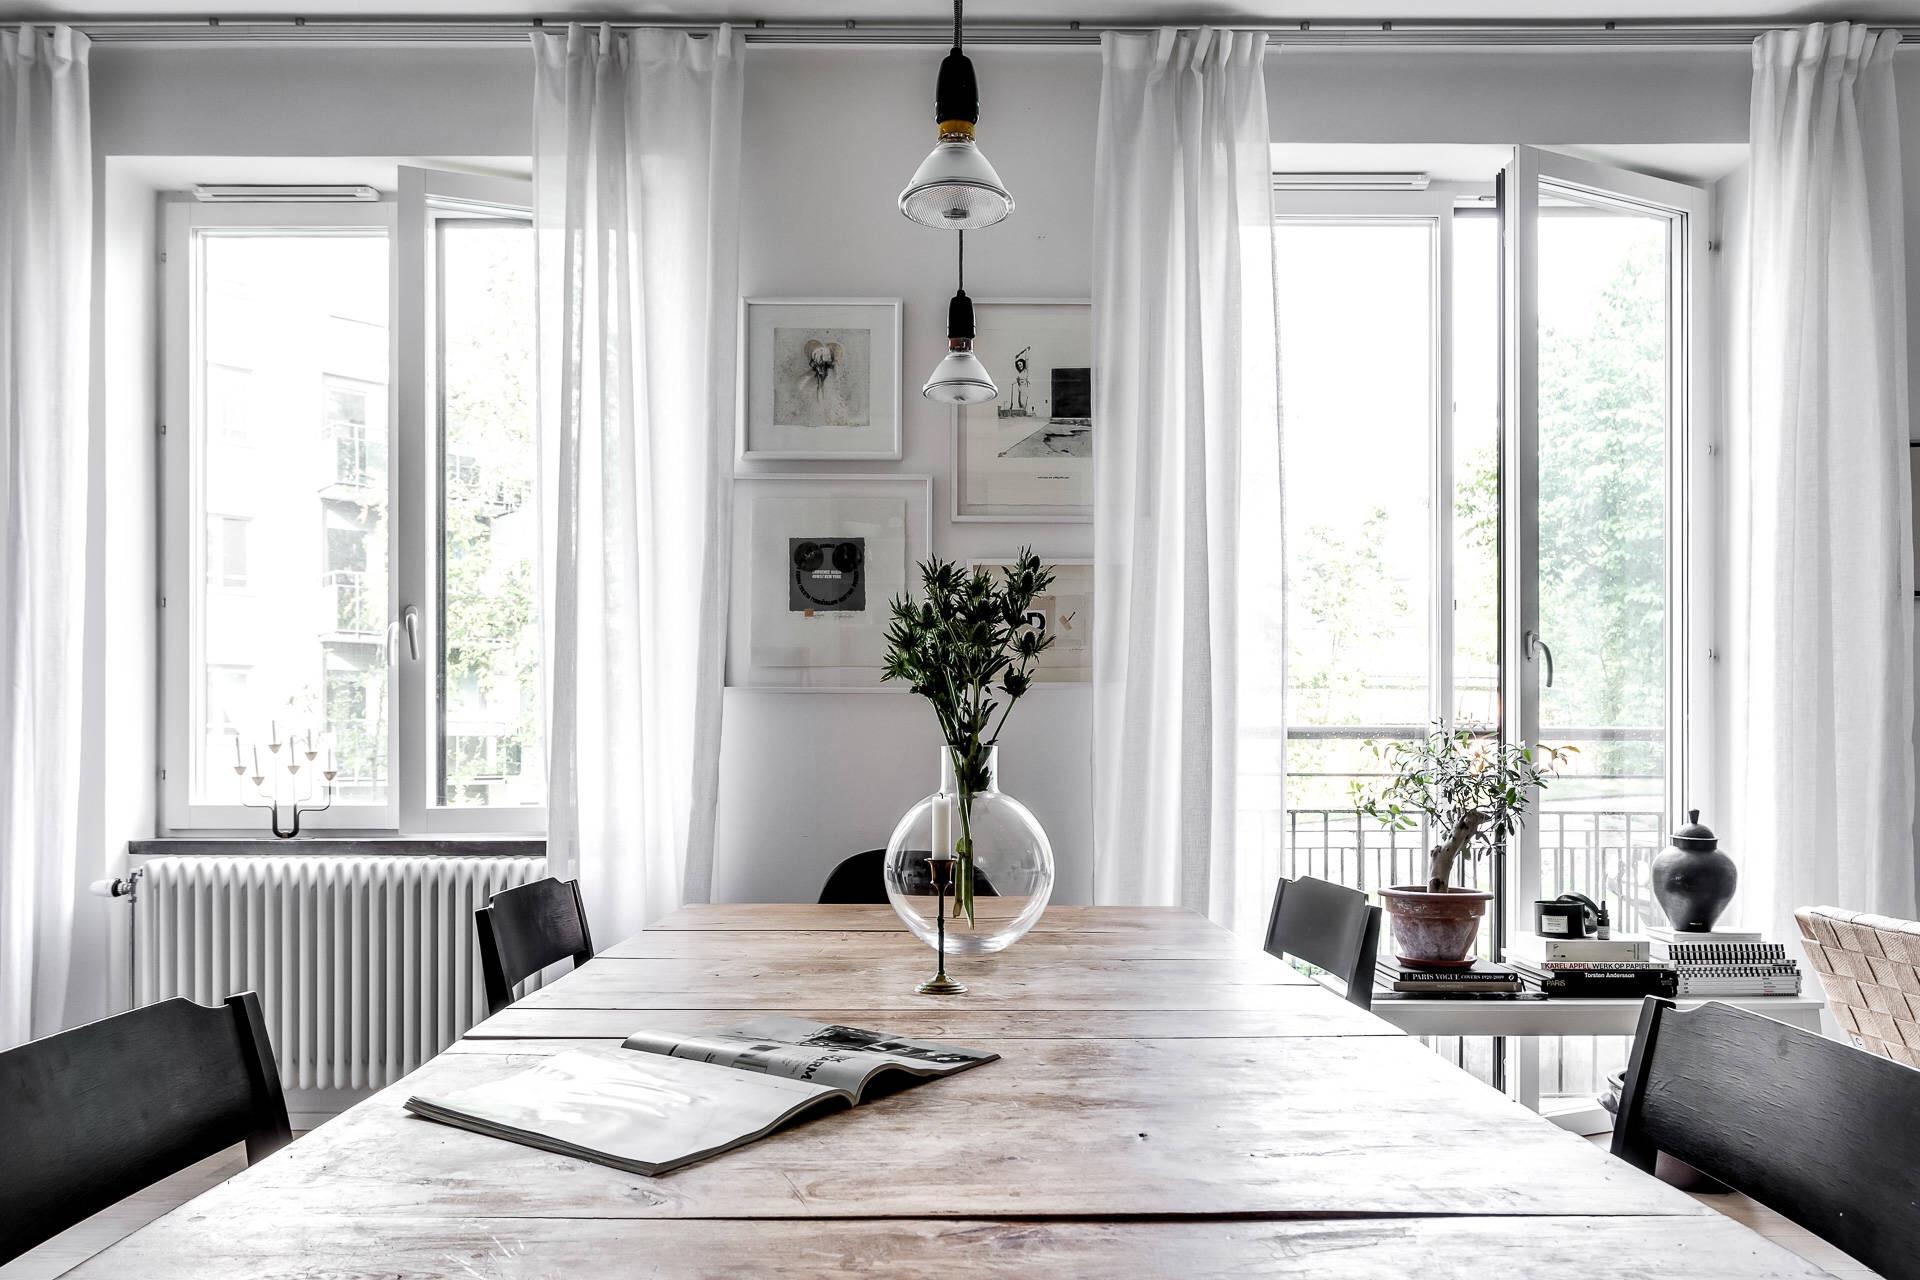 обеденный стол ваза цветы белые стены картины рамы